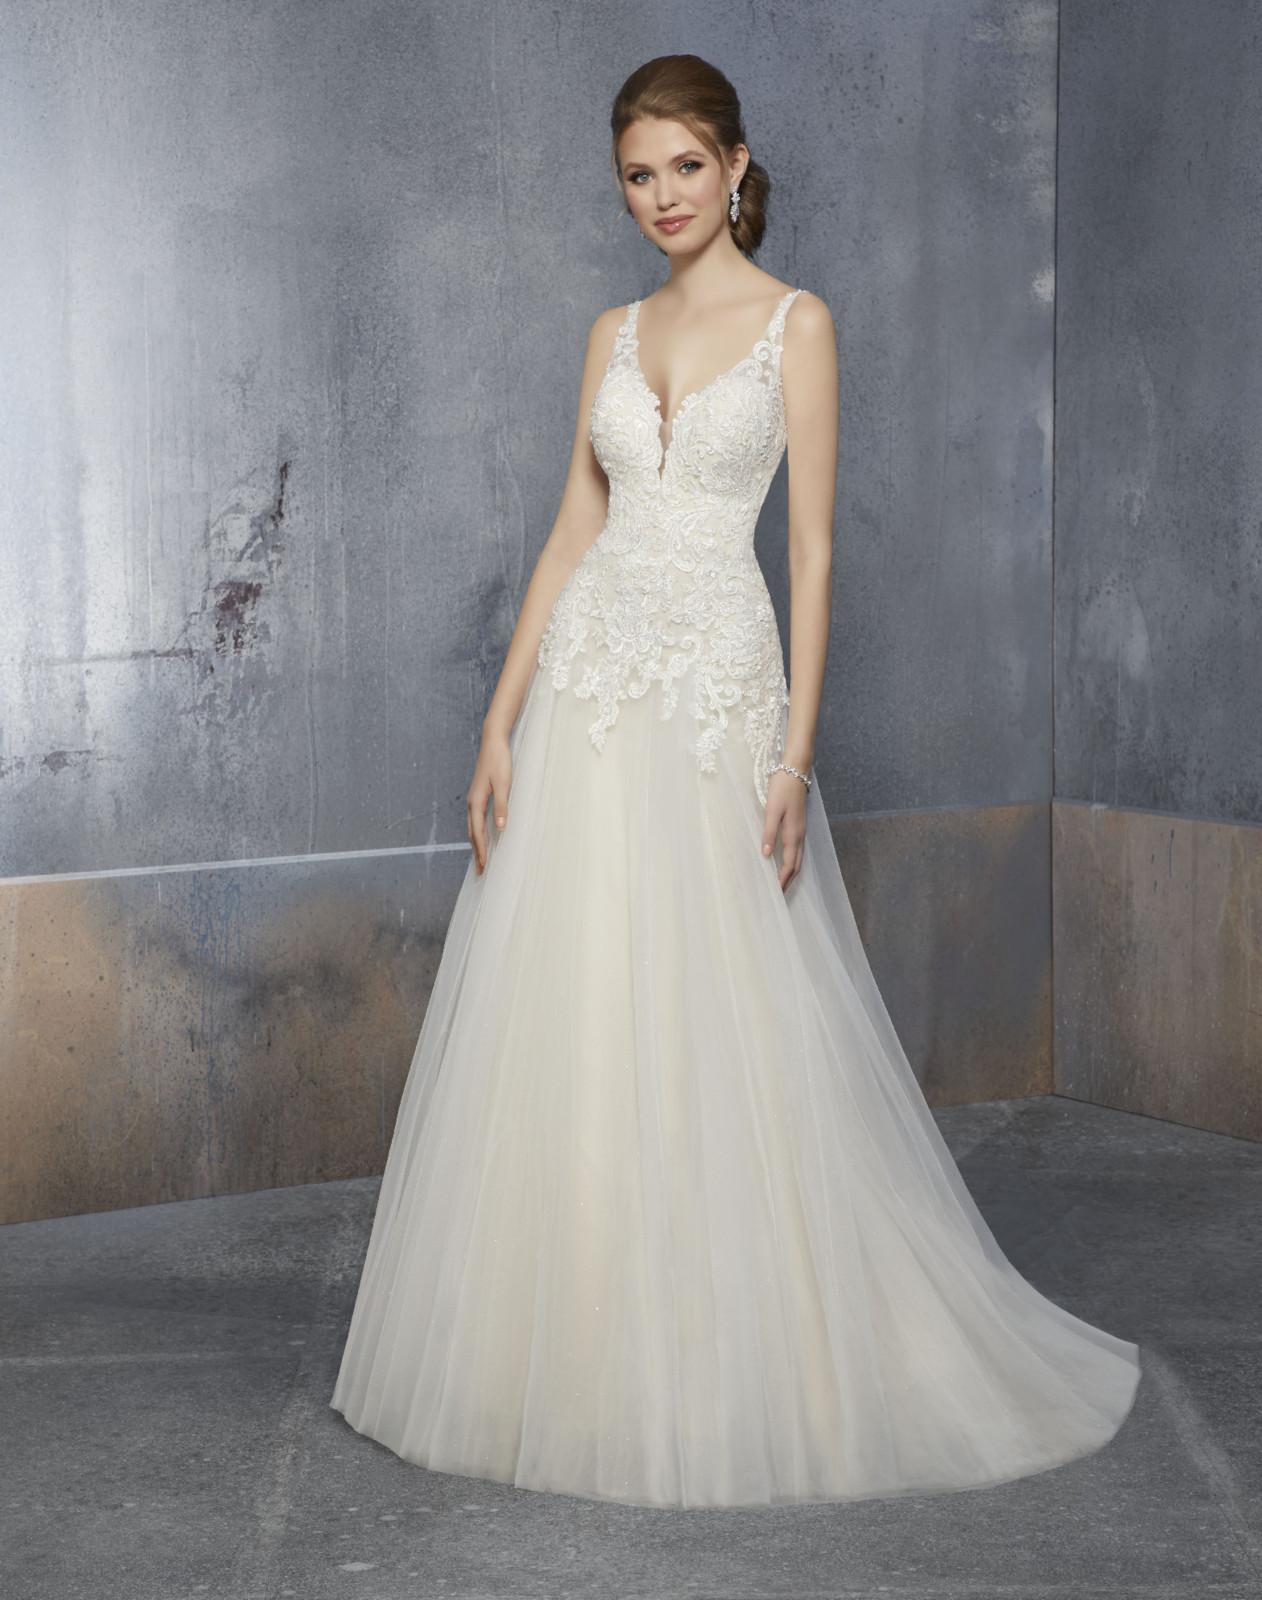 Νυφικό Φόρεμα, Αέρινο, με Δαντέλα Μπούστο. Style.51513, by Mdeline  Gardner,